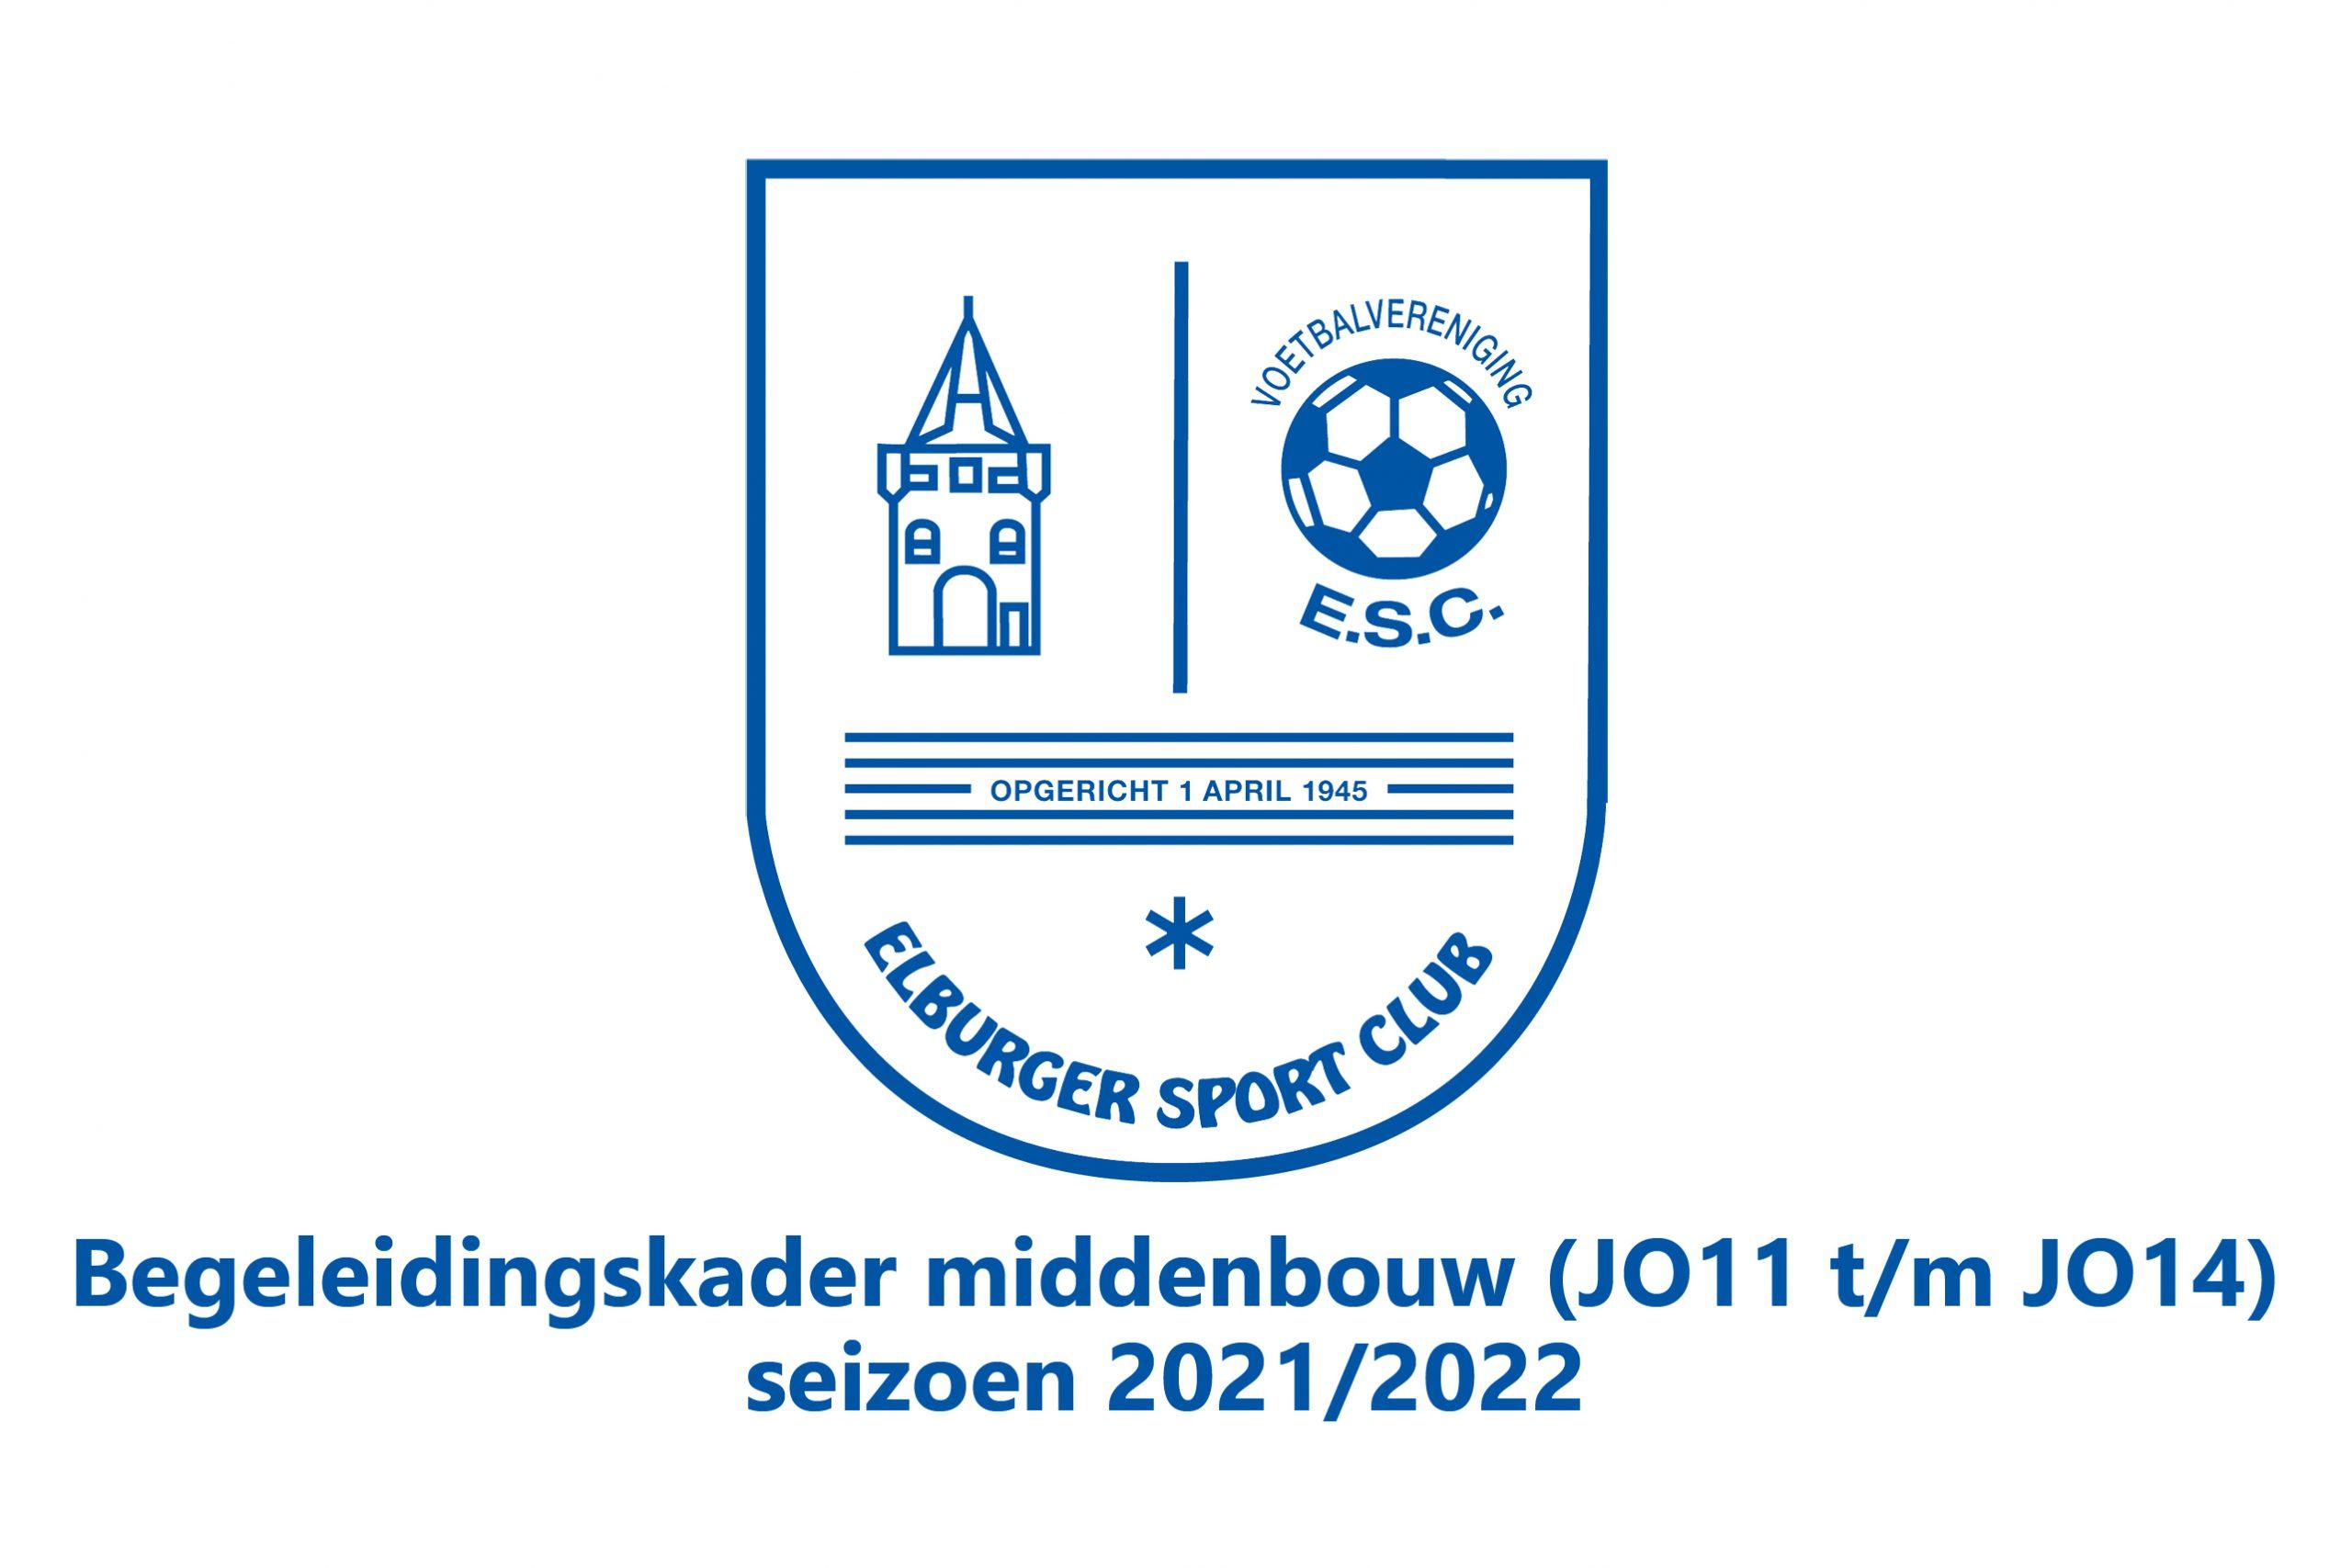 ElburgerSC - Begeleidingskader middenbouw (JO11 t/m JO14) voor seizoen 2021/2022 bekend!